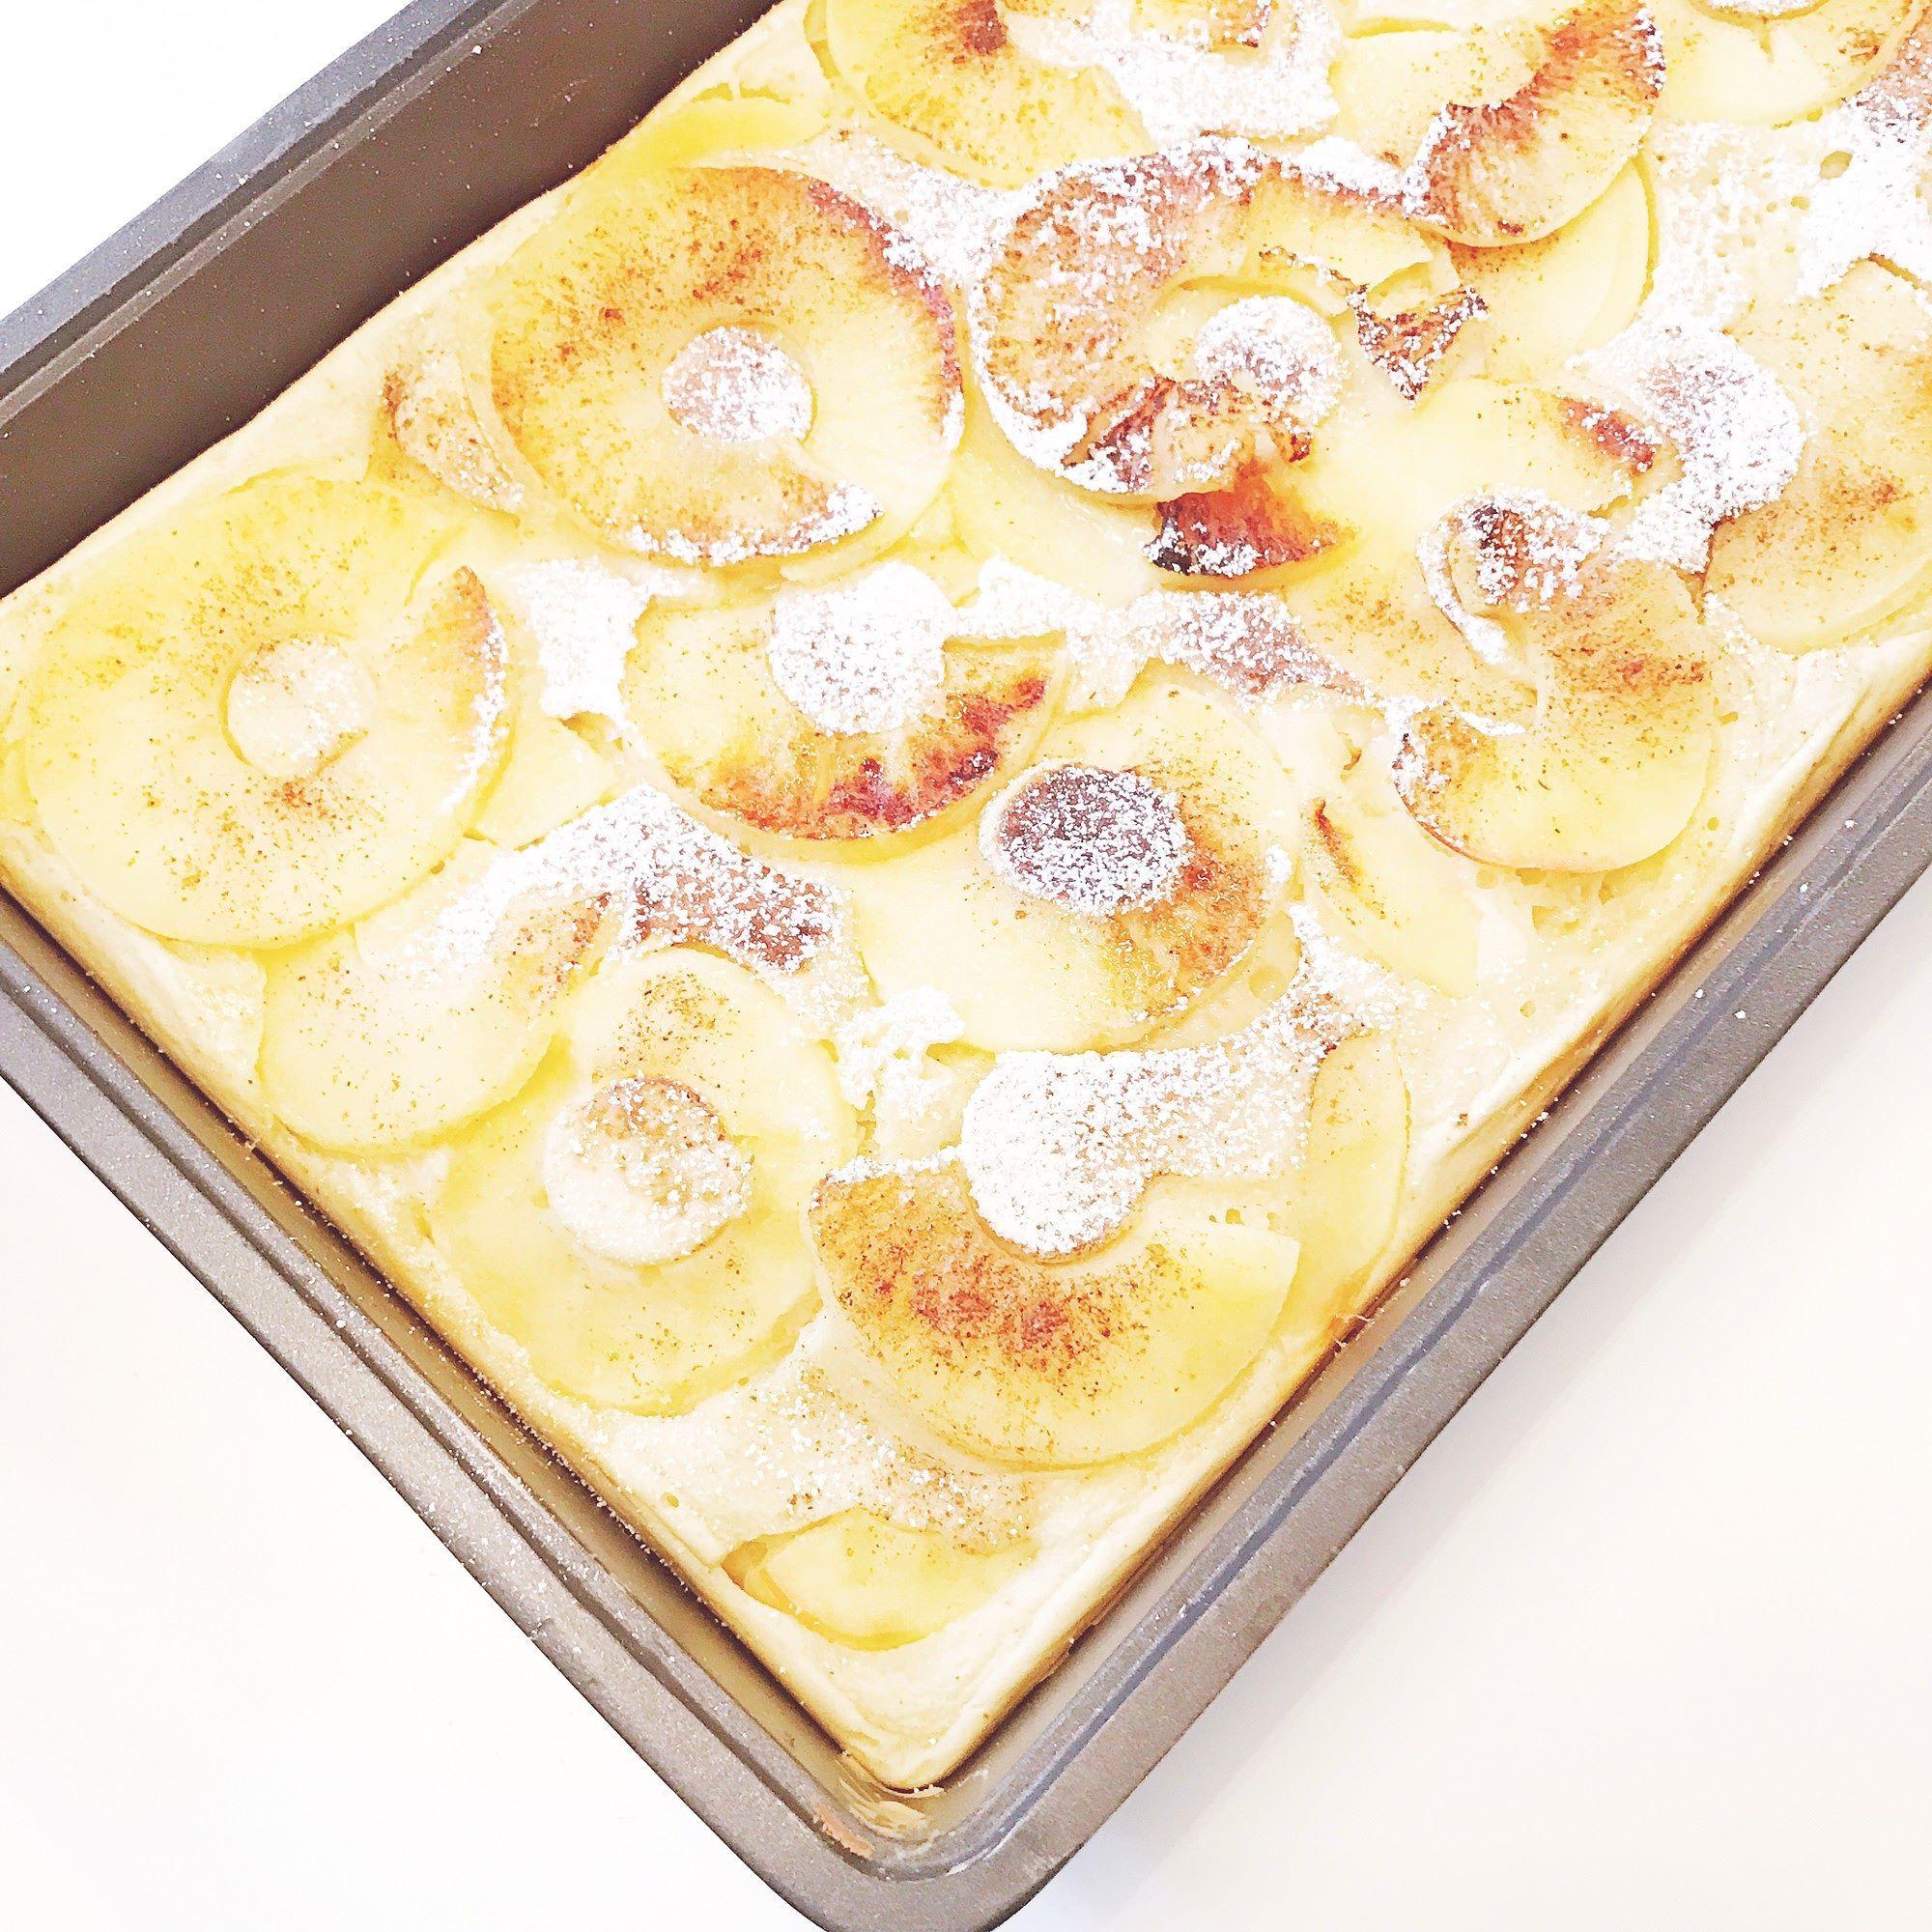 apfelpfannkuchen aus dem ofen oder dem mulex sind ein